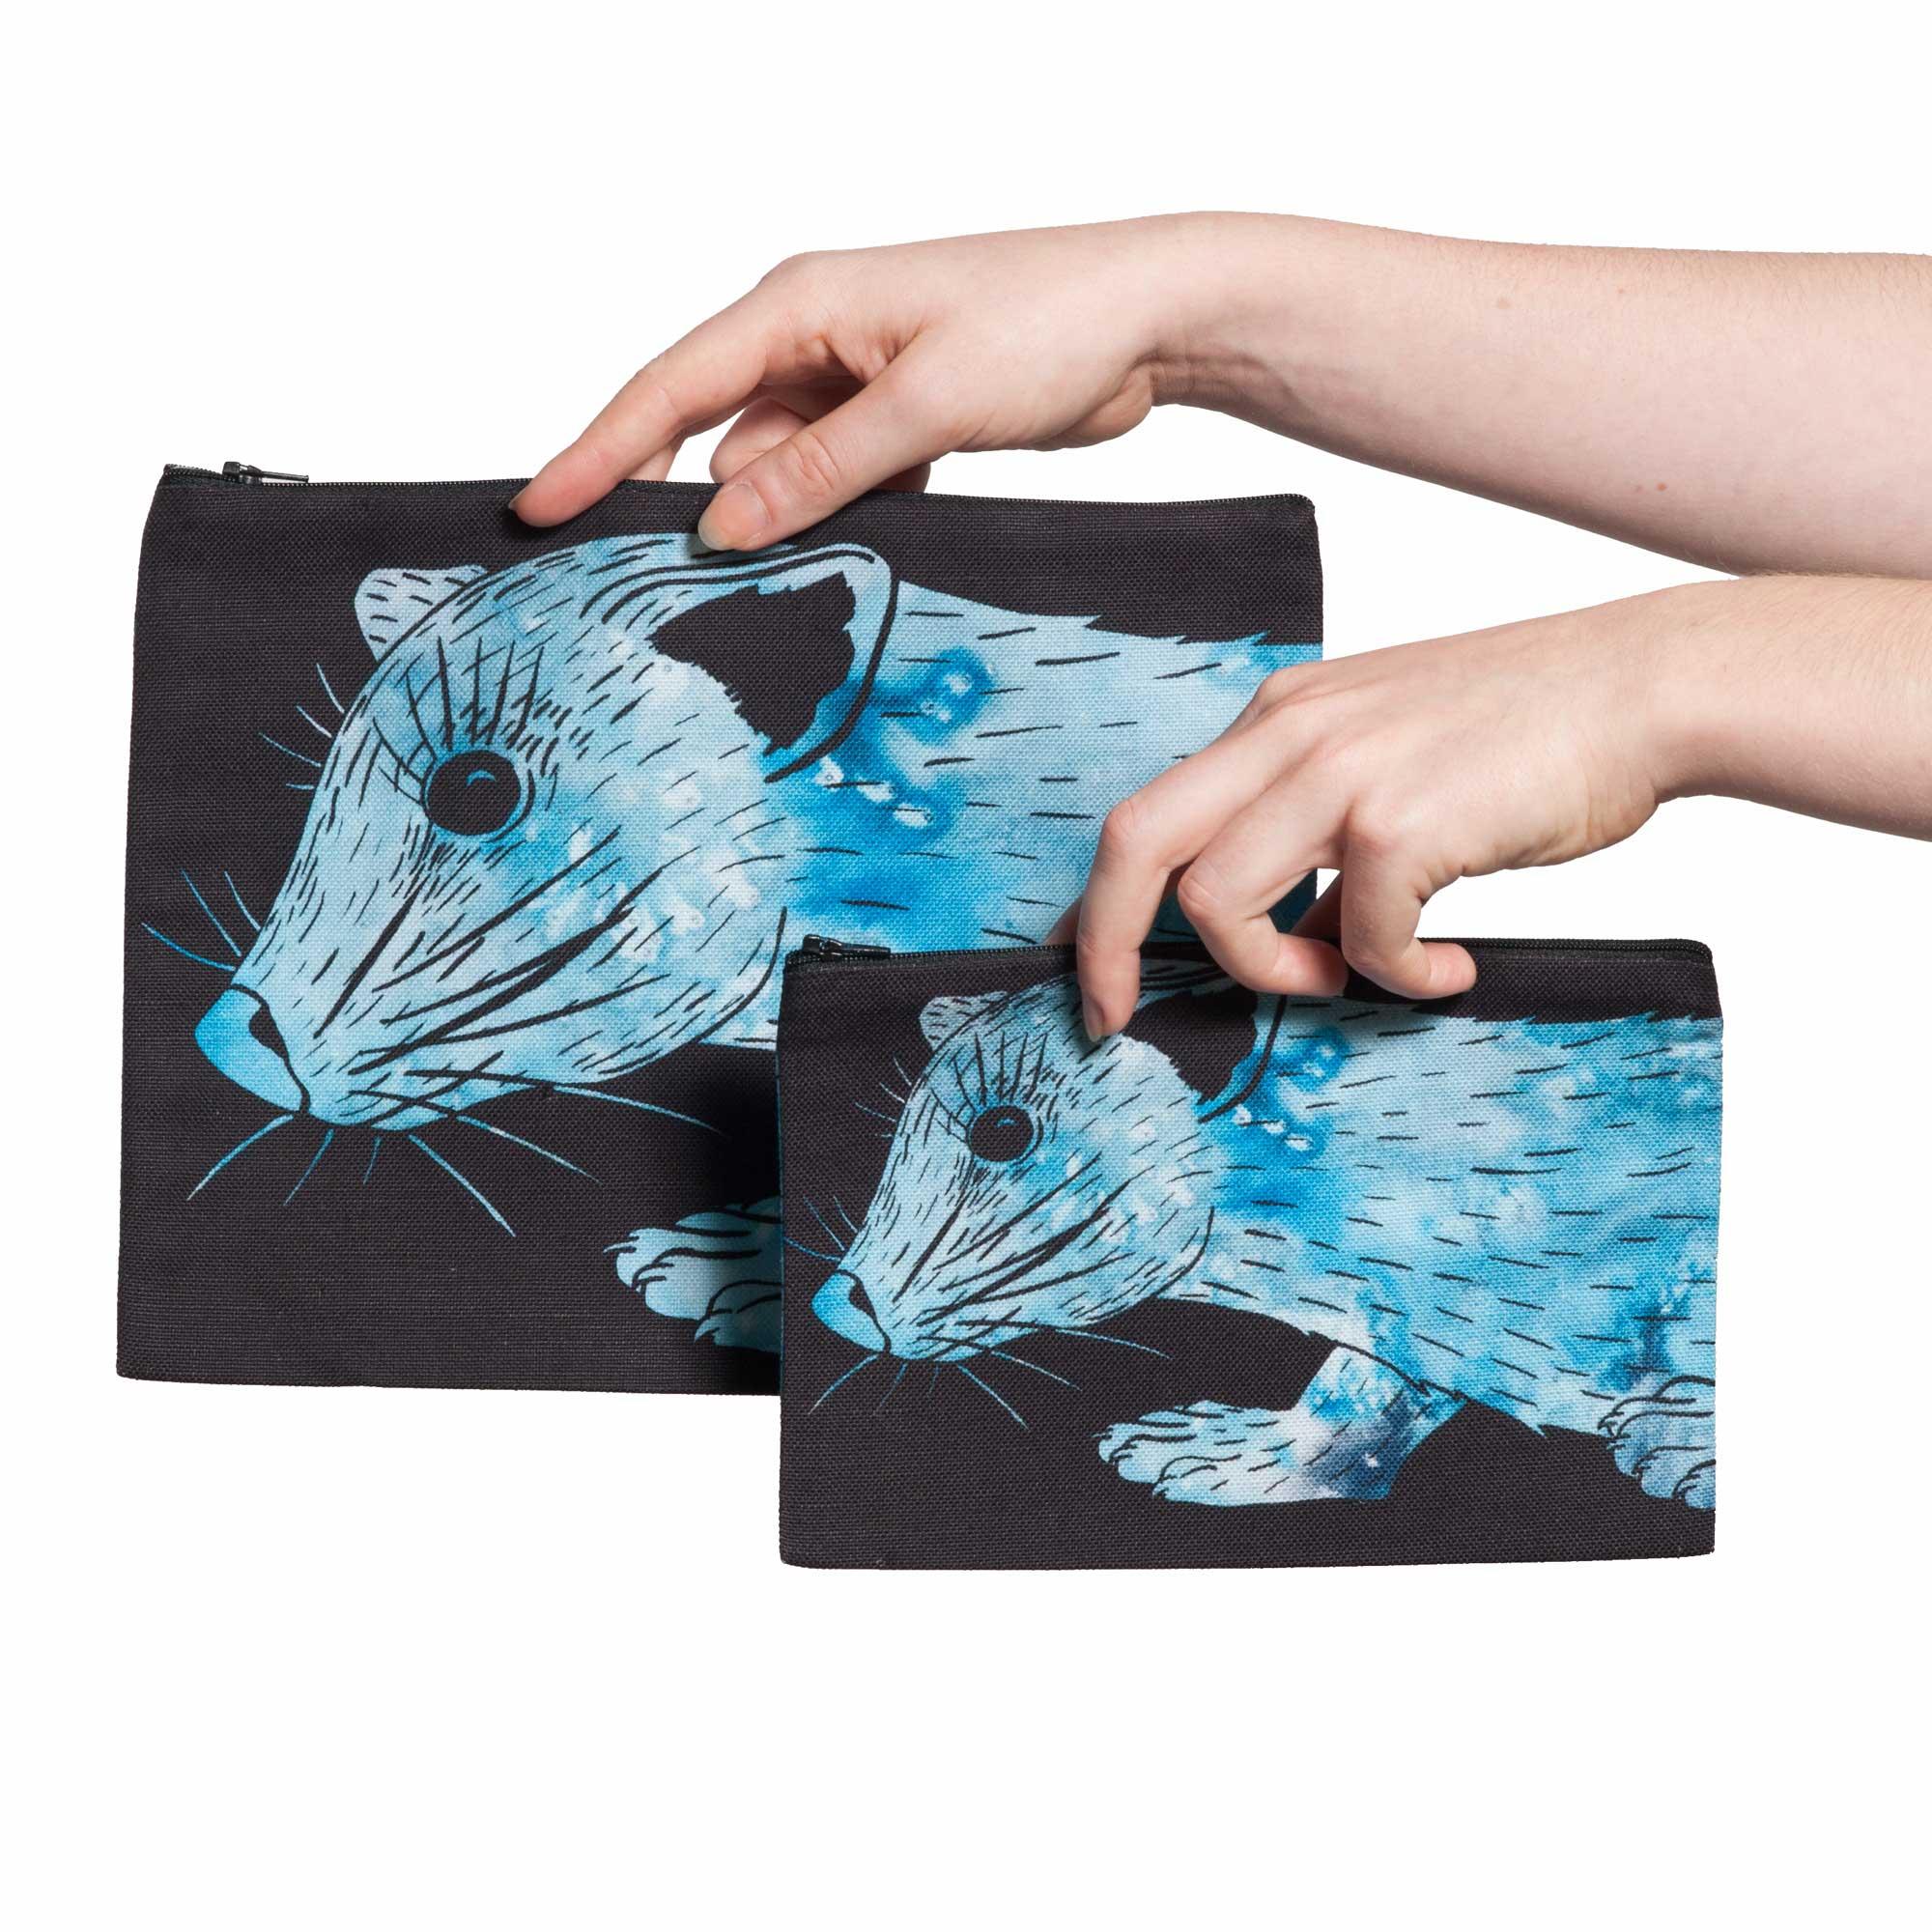 Deux pochettes tailles M et L de la collection Fourrure de Céline Dominiak, avec têtes de zibeline bleu azur sur fond noir, recto